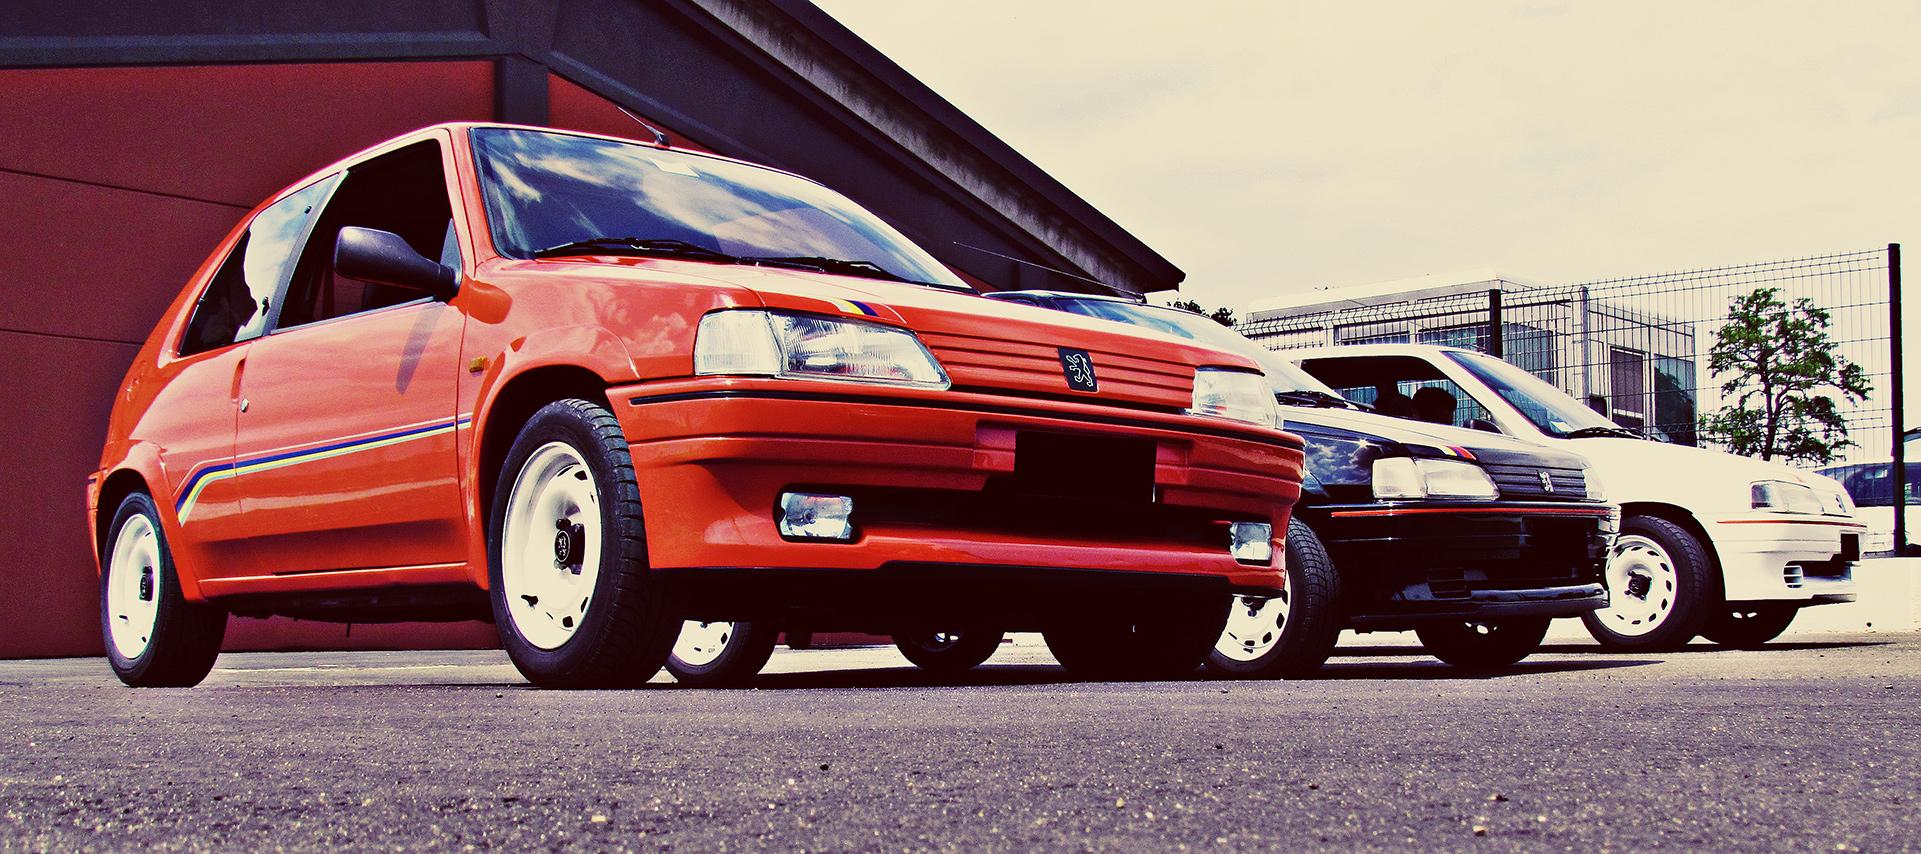 CentoSei Peugeot